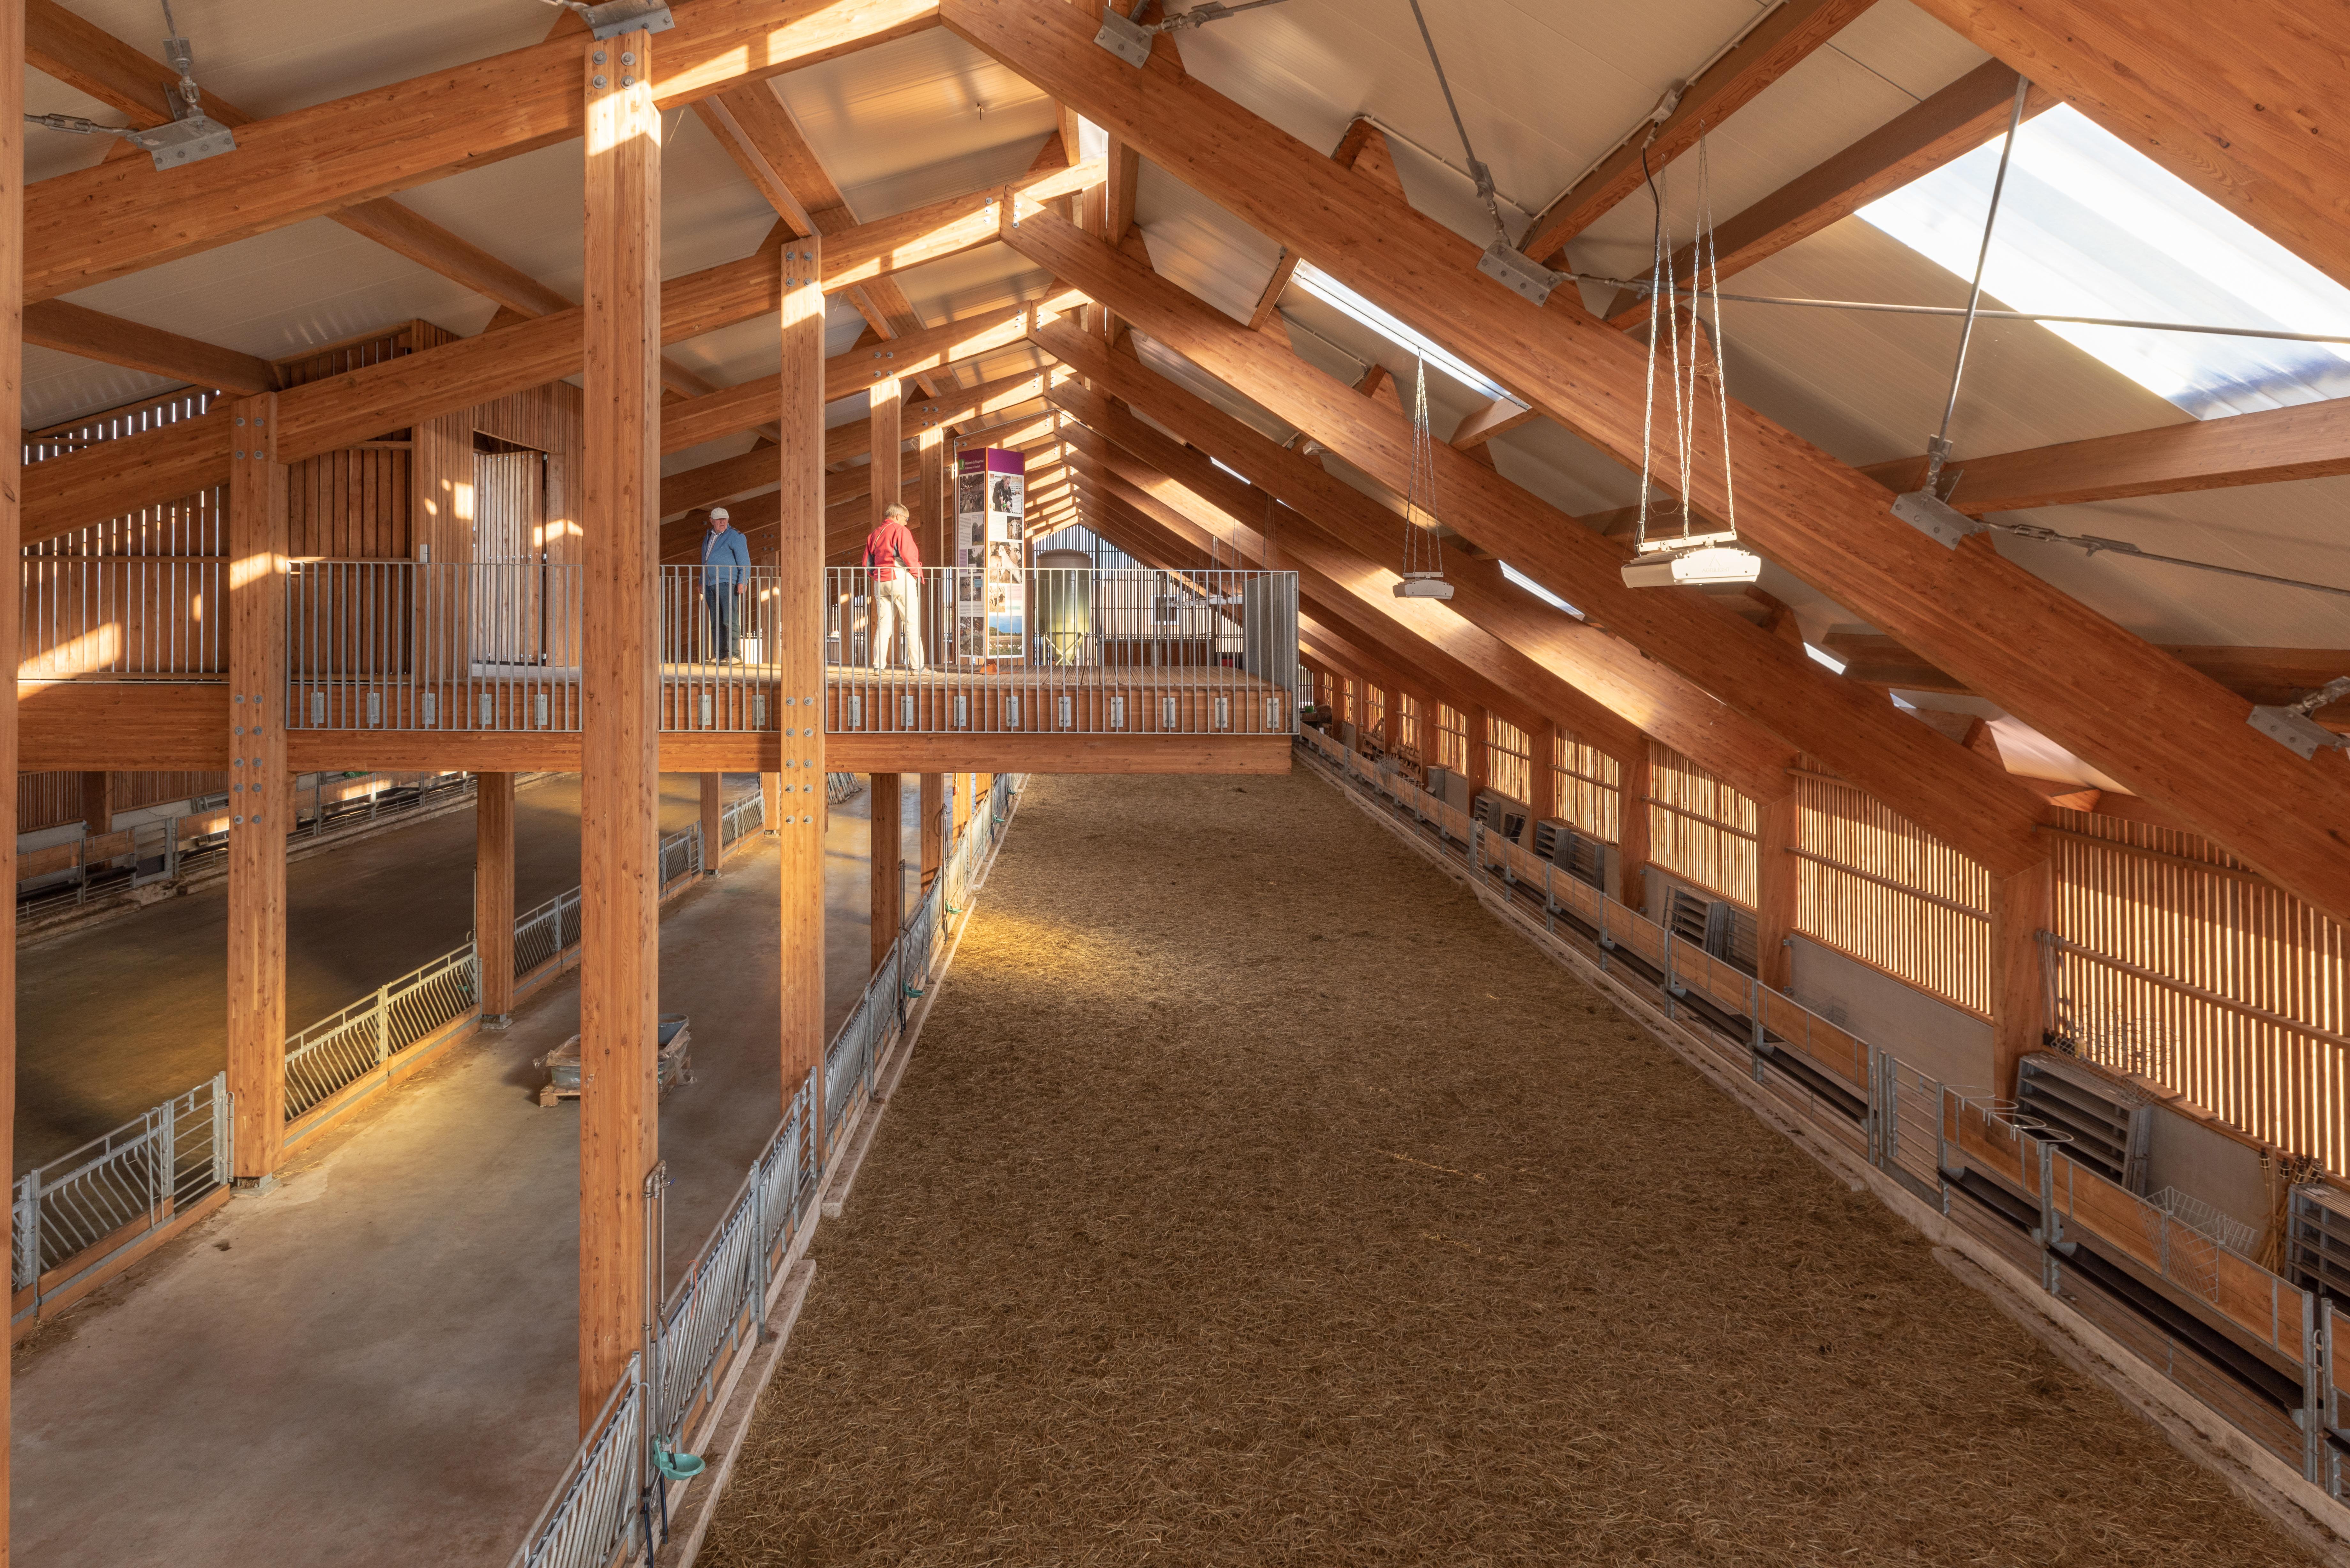 <p>Een lang balkon steekt de stal in, zodat bezoekers een kijkje kunnen nemen zonder de herders voor de voeten te lopen. Beeld: Walter Frisart FOTOwerk</p>